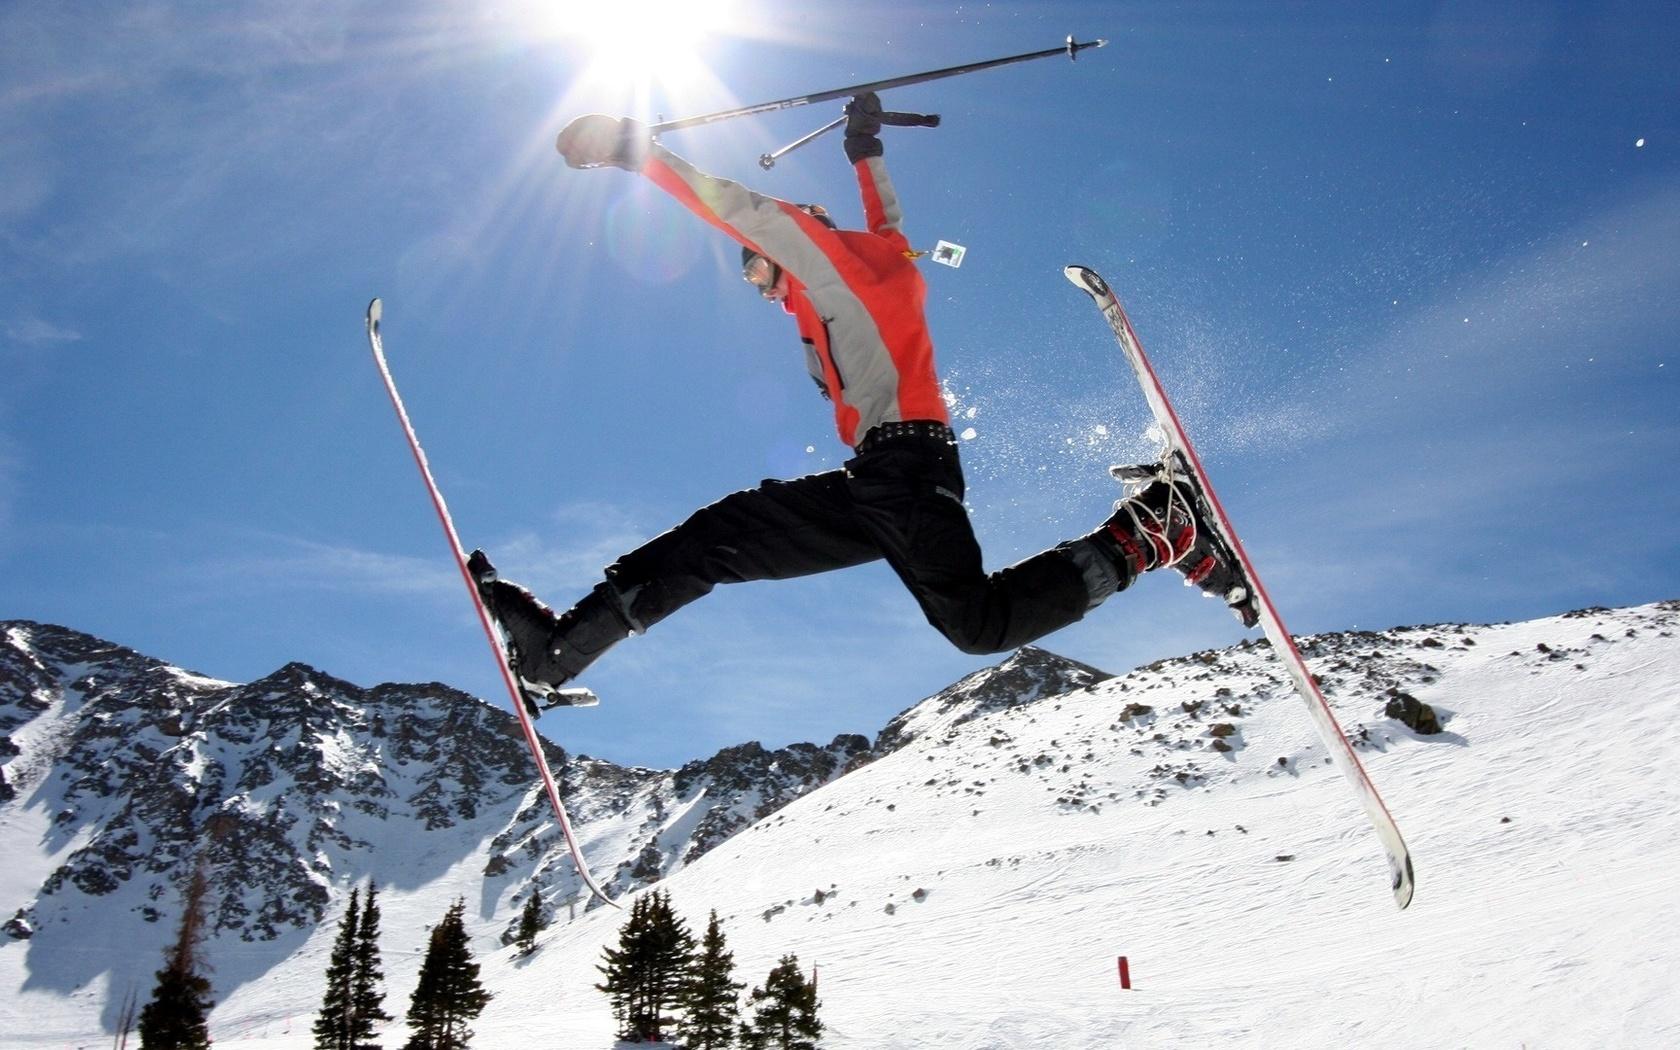 Картинка лыжник на горе